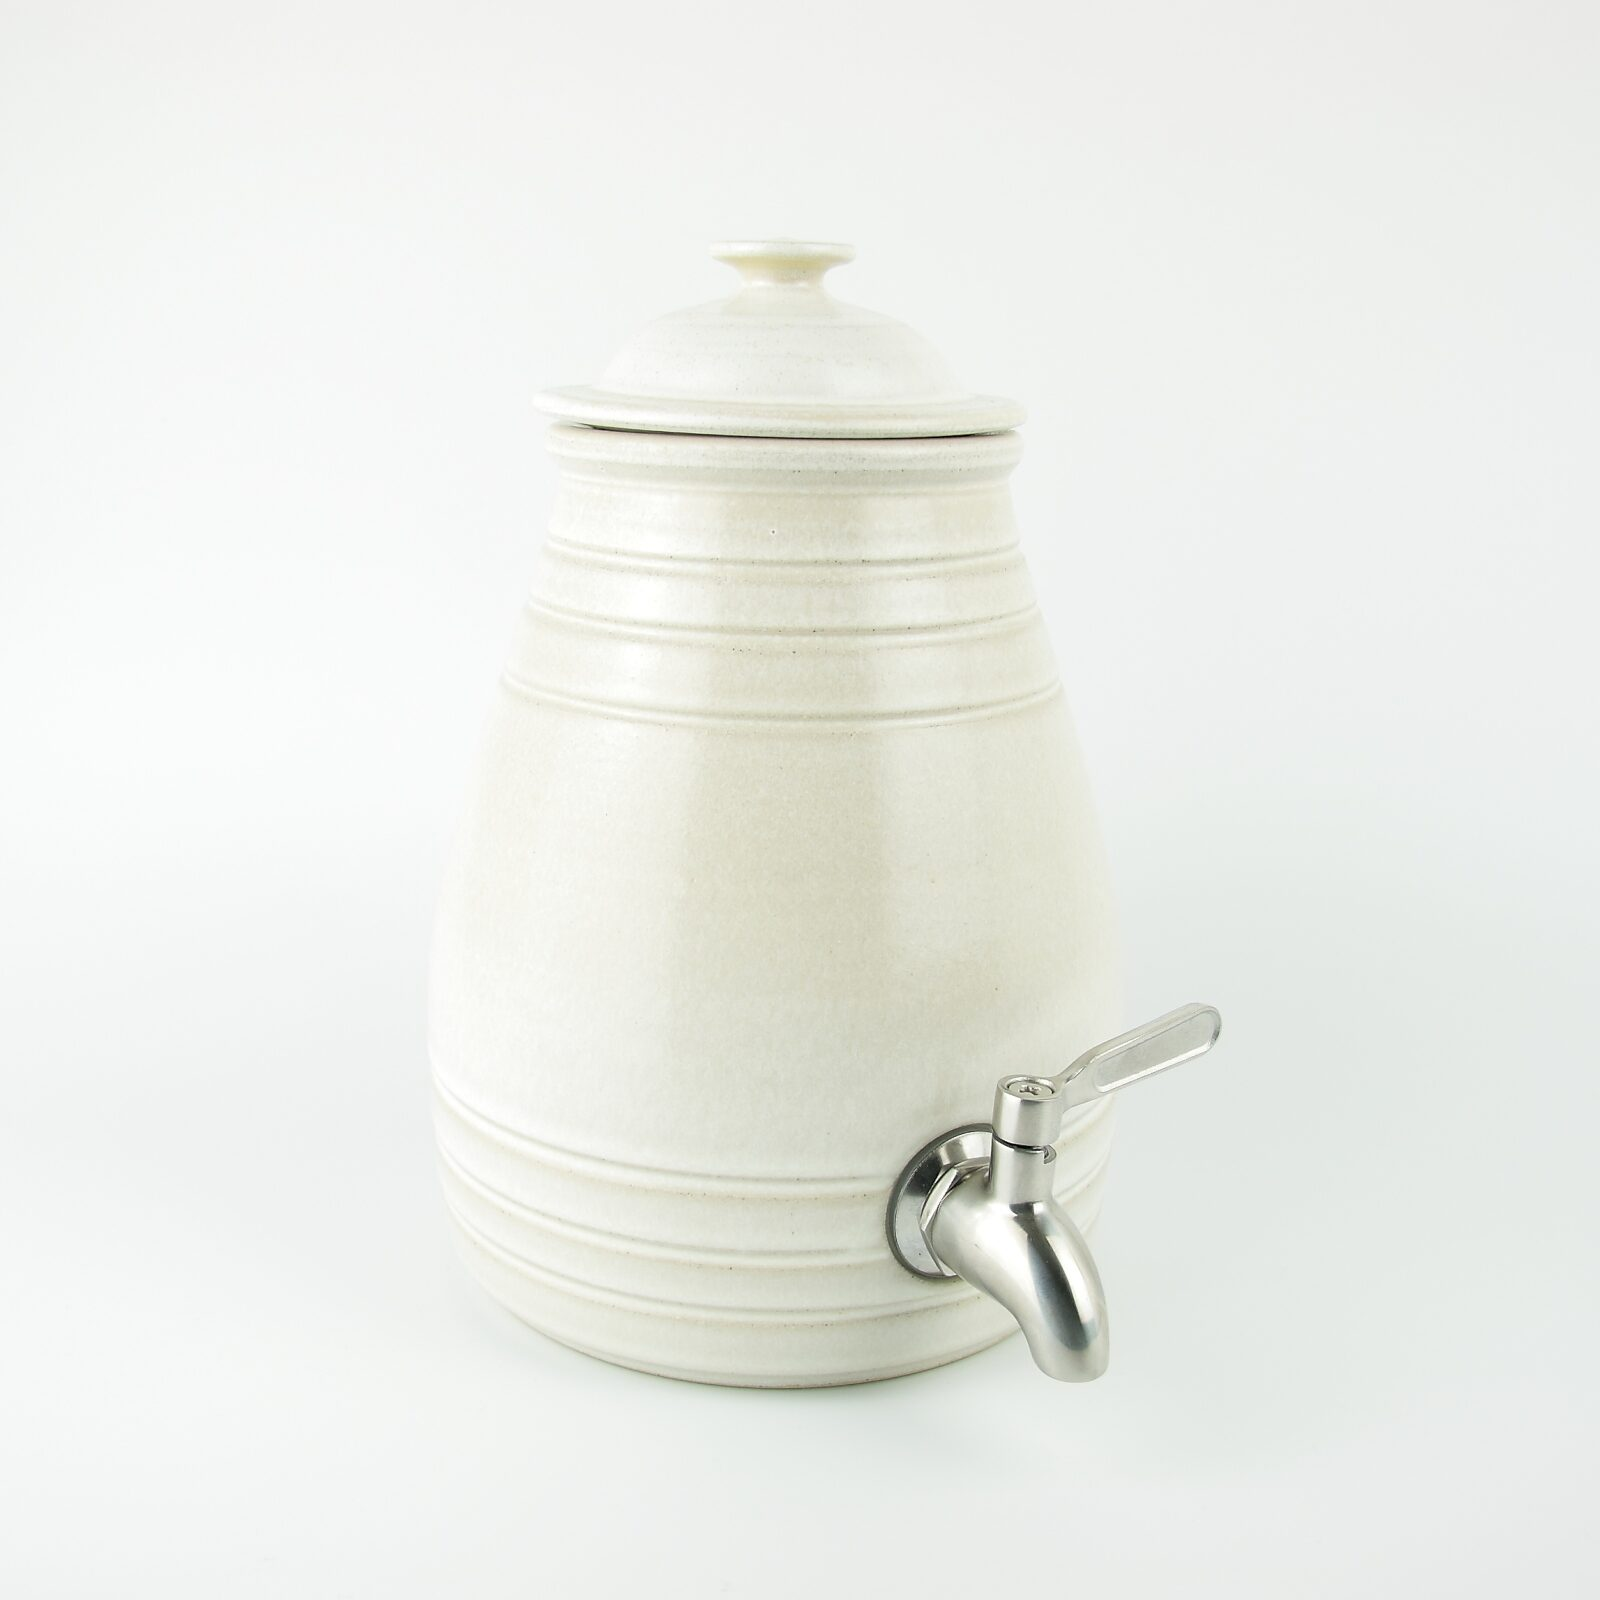 Hand Made 2 Litre Ceramic Vinegar Pot for Making Vinegar and Kombucha